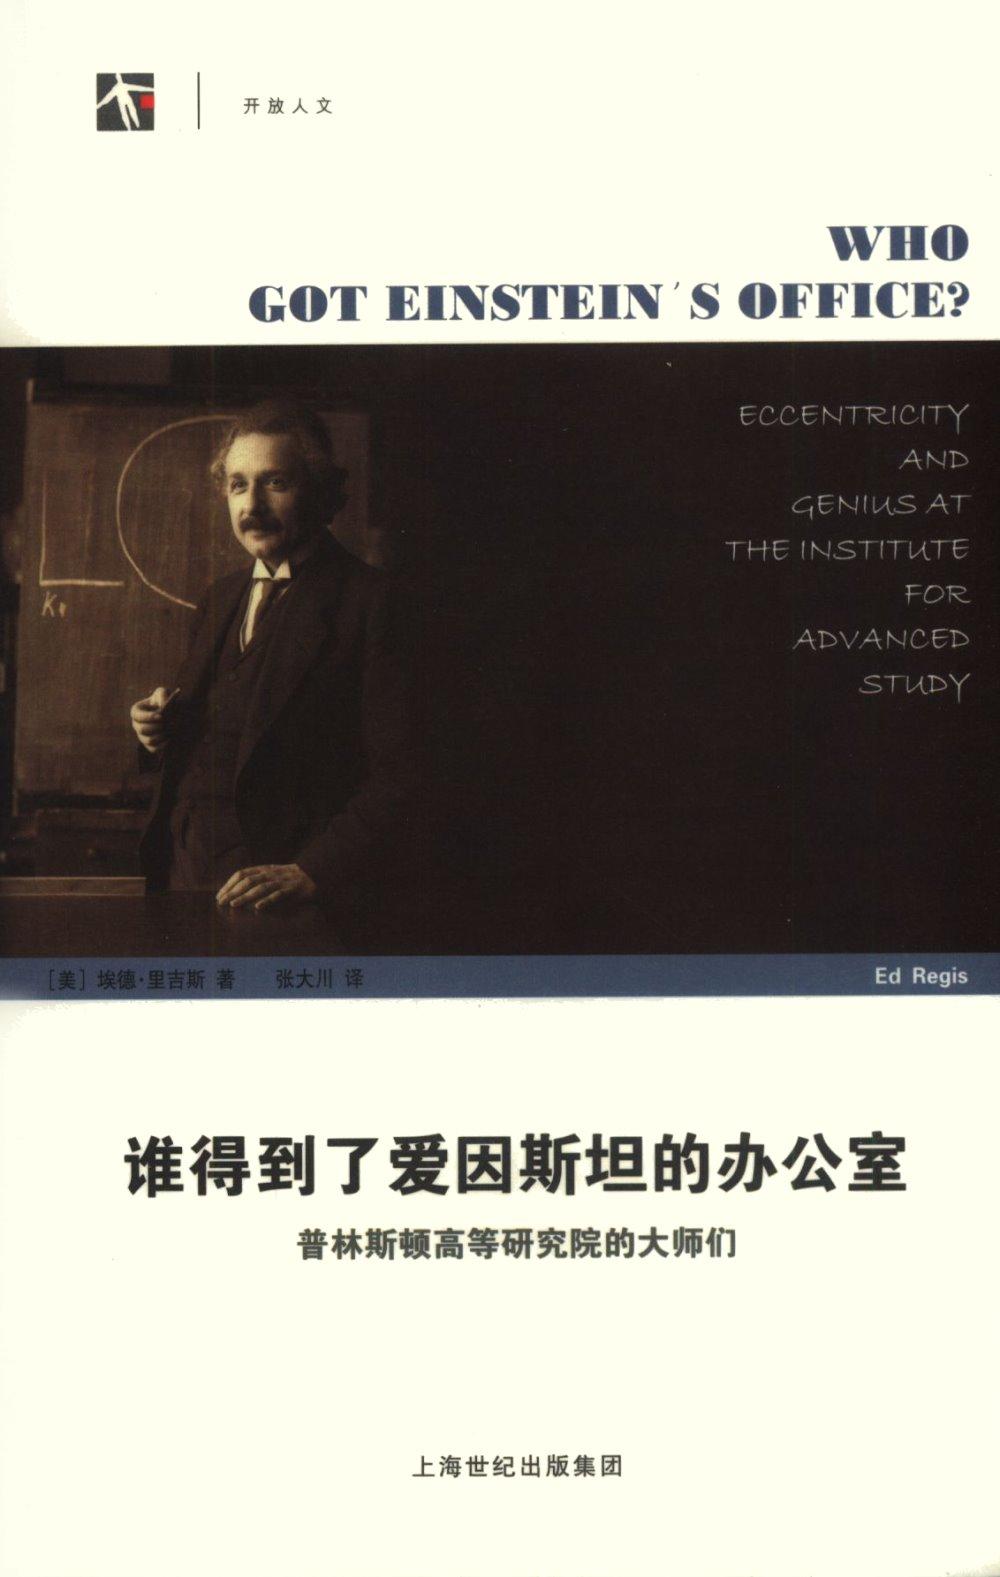 誰得到了愛因斯坦的辦公室:普林斯頓高等研究院的大師們